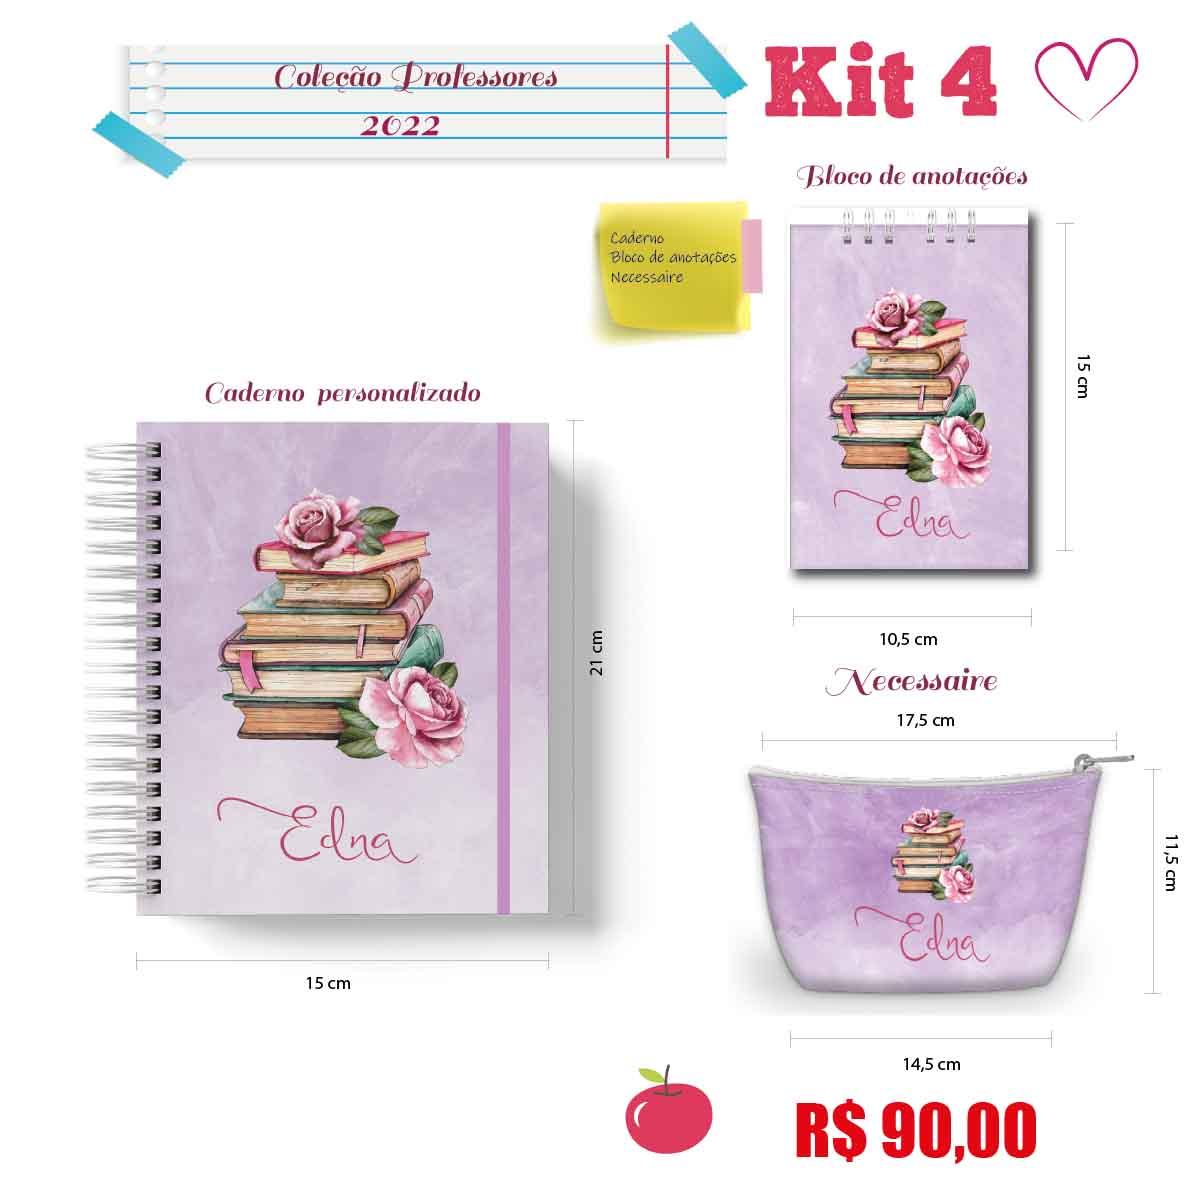 Kit Professora 4